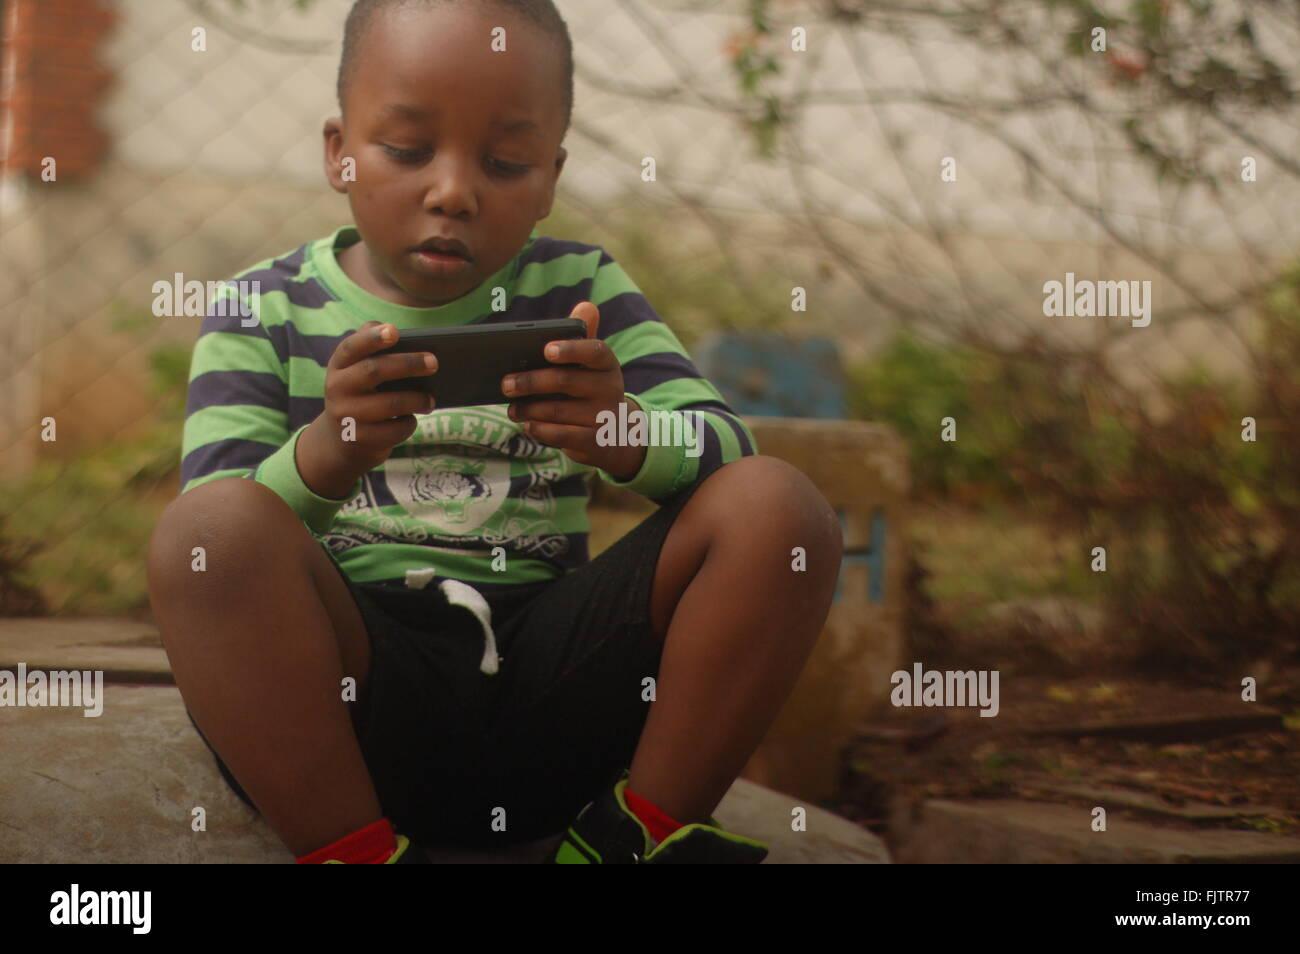 Curieux Garçon jouant avec Smart Phone at Field Photo Stock